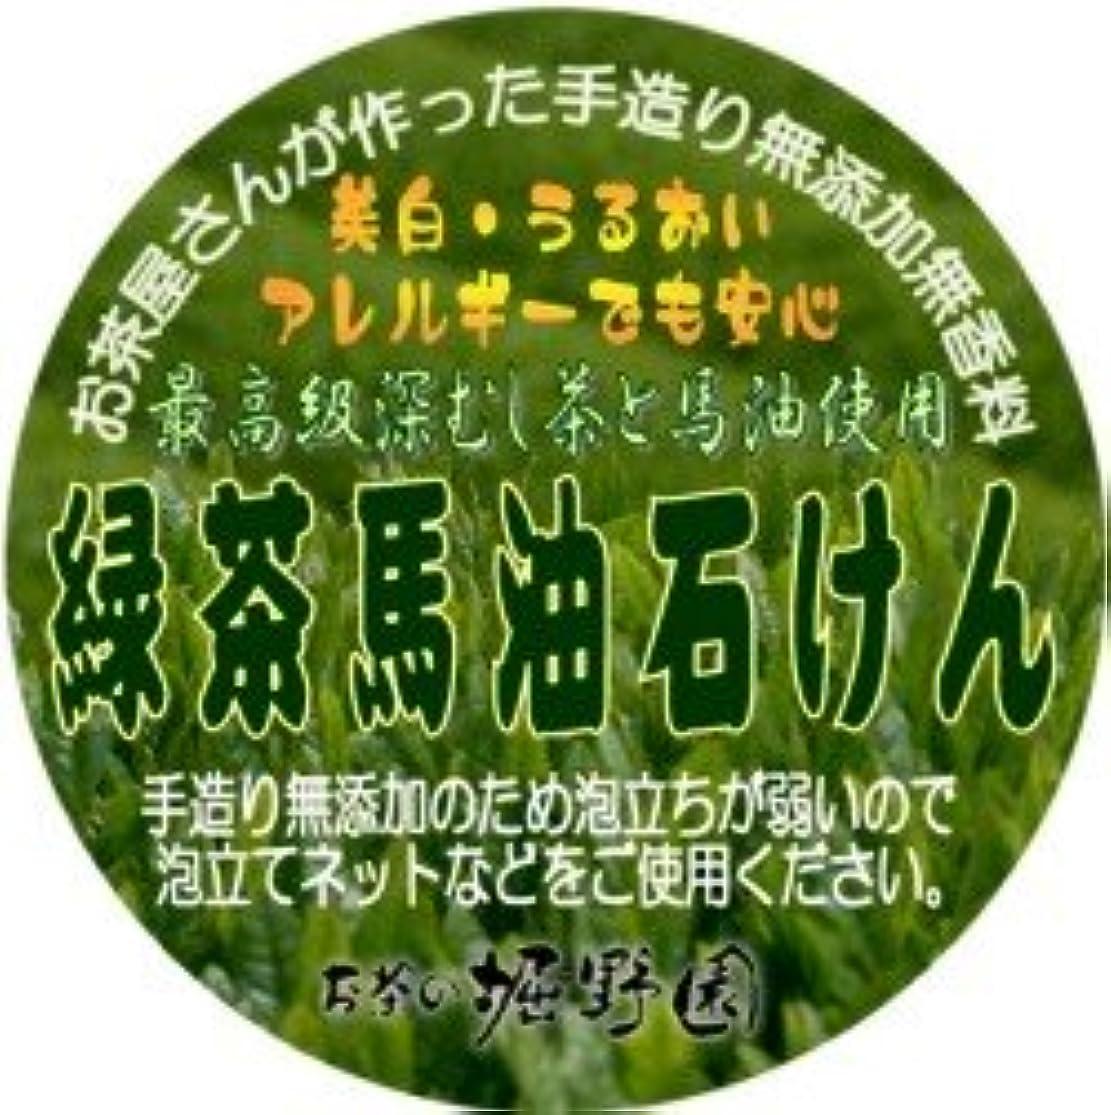 変な最小洗剤無添加無着色 緑茶馬油石けん(アトピー?弱肌の方のご愛用が非常に多い商品です)